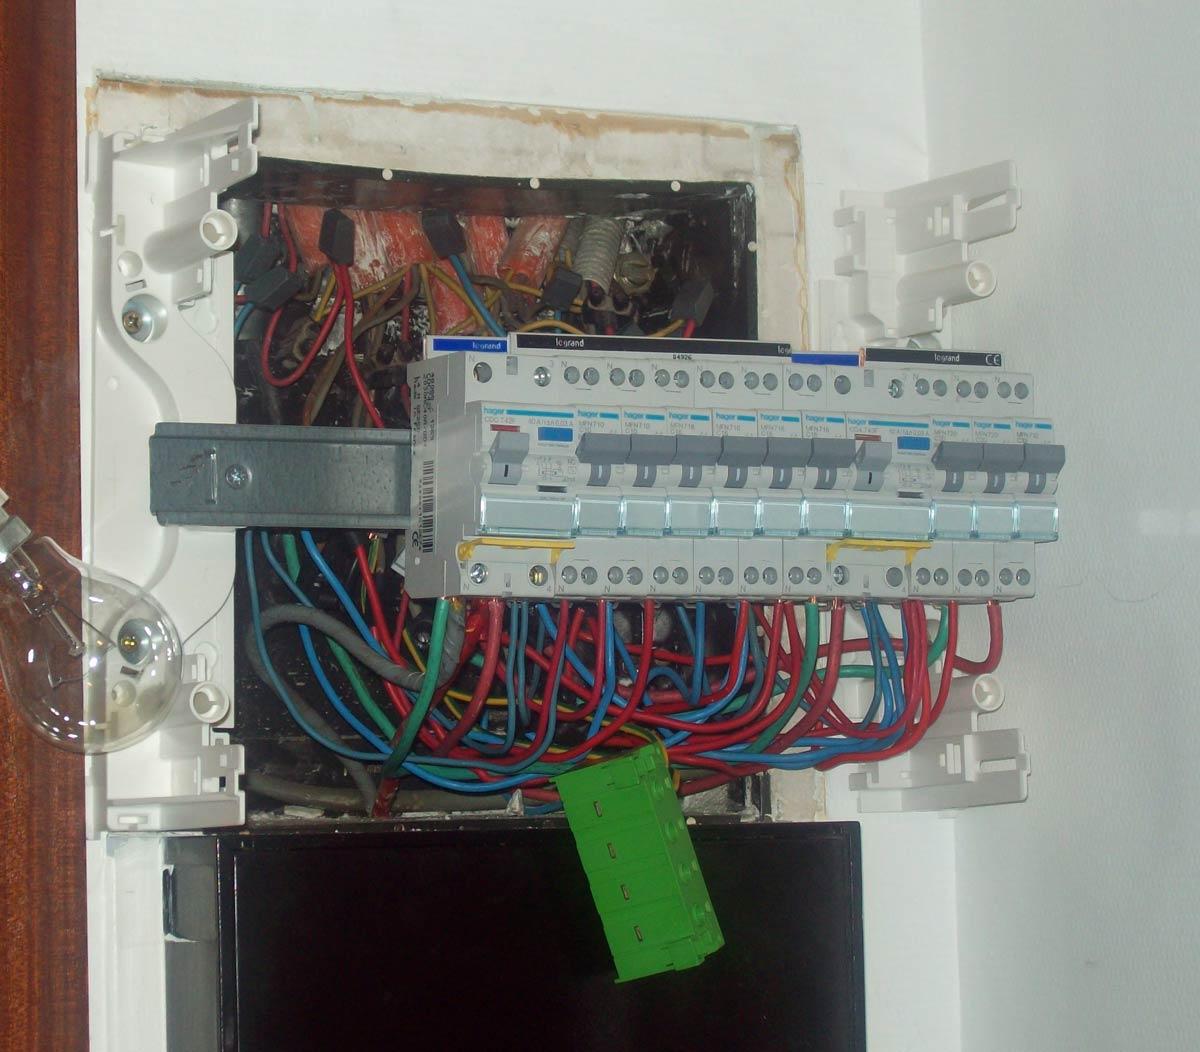 passage aux normes d u0026 39 un tableau  u00e9lectrique - dimelec  u00c9lectricit u00e9 g u00e9n u00e9rale